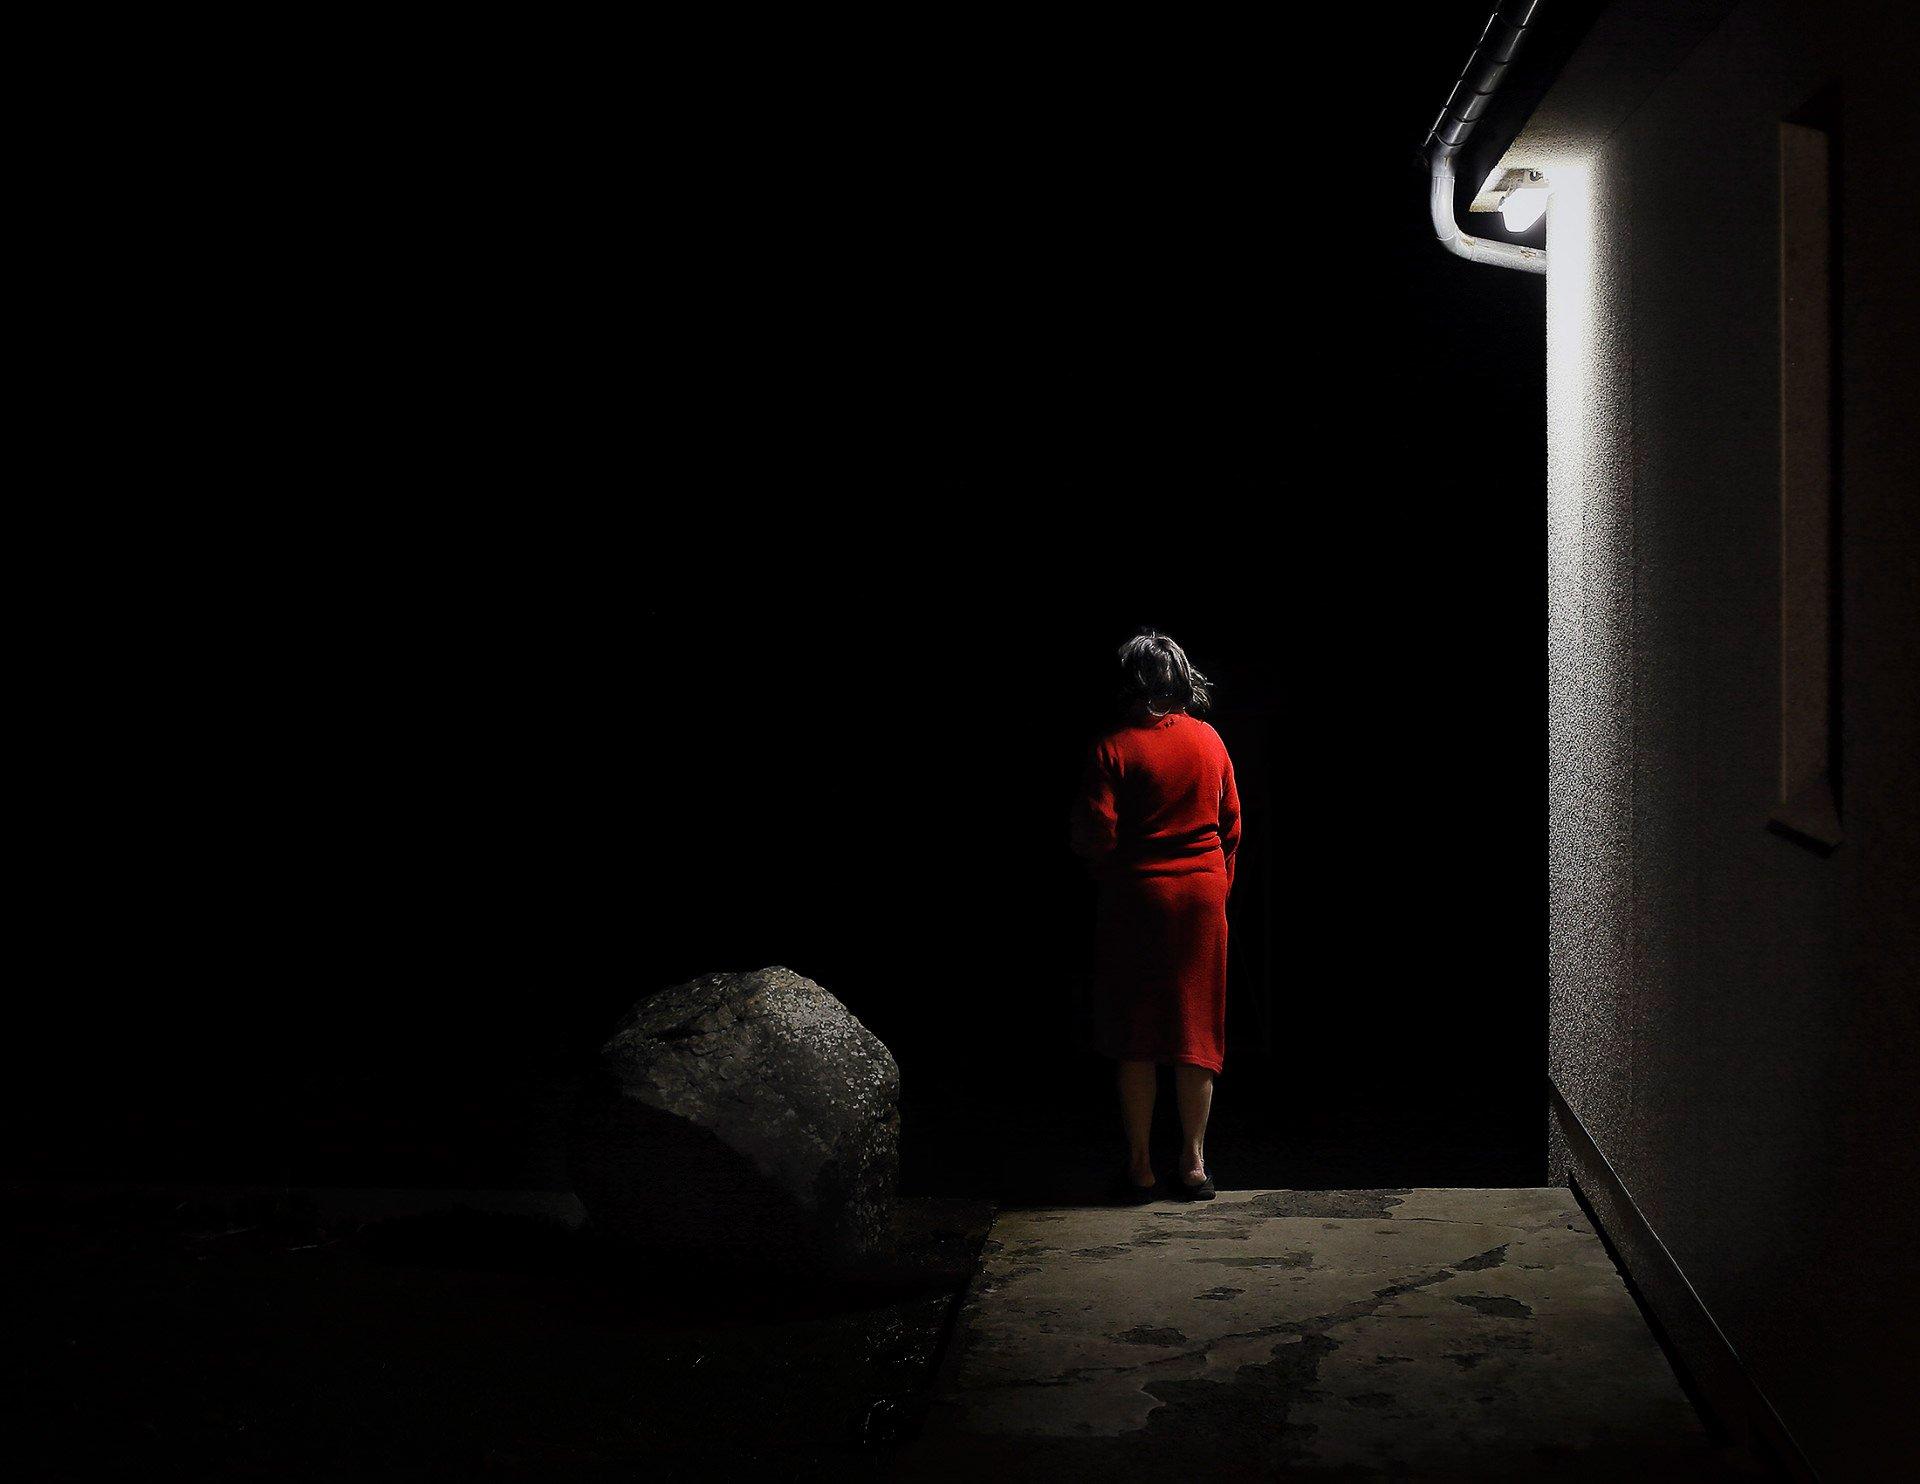 Marzena Skubatz Photography 2012 The Weather Report I – ongoing